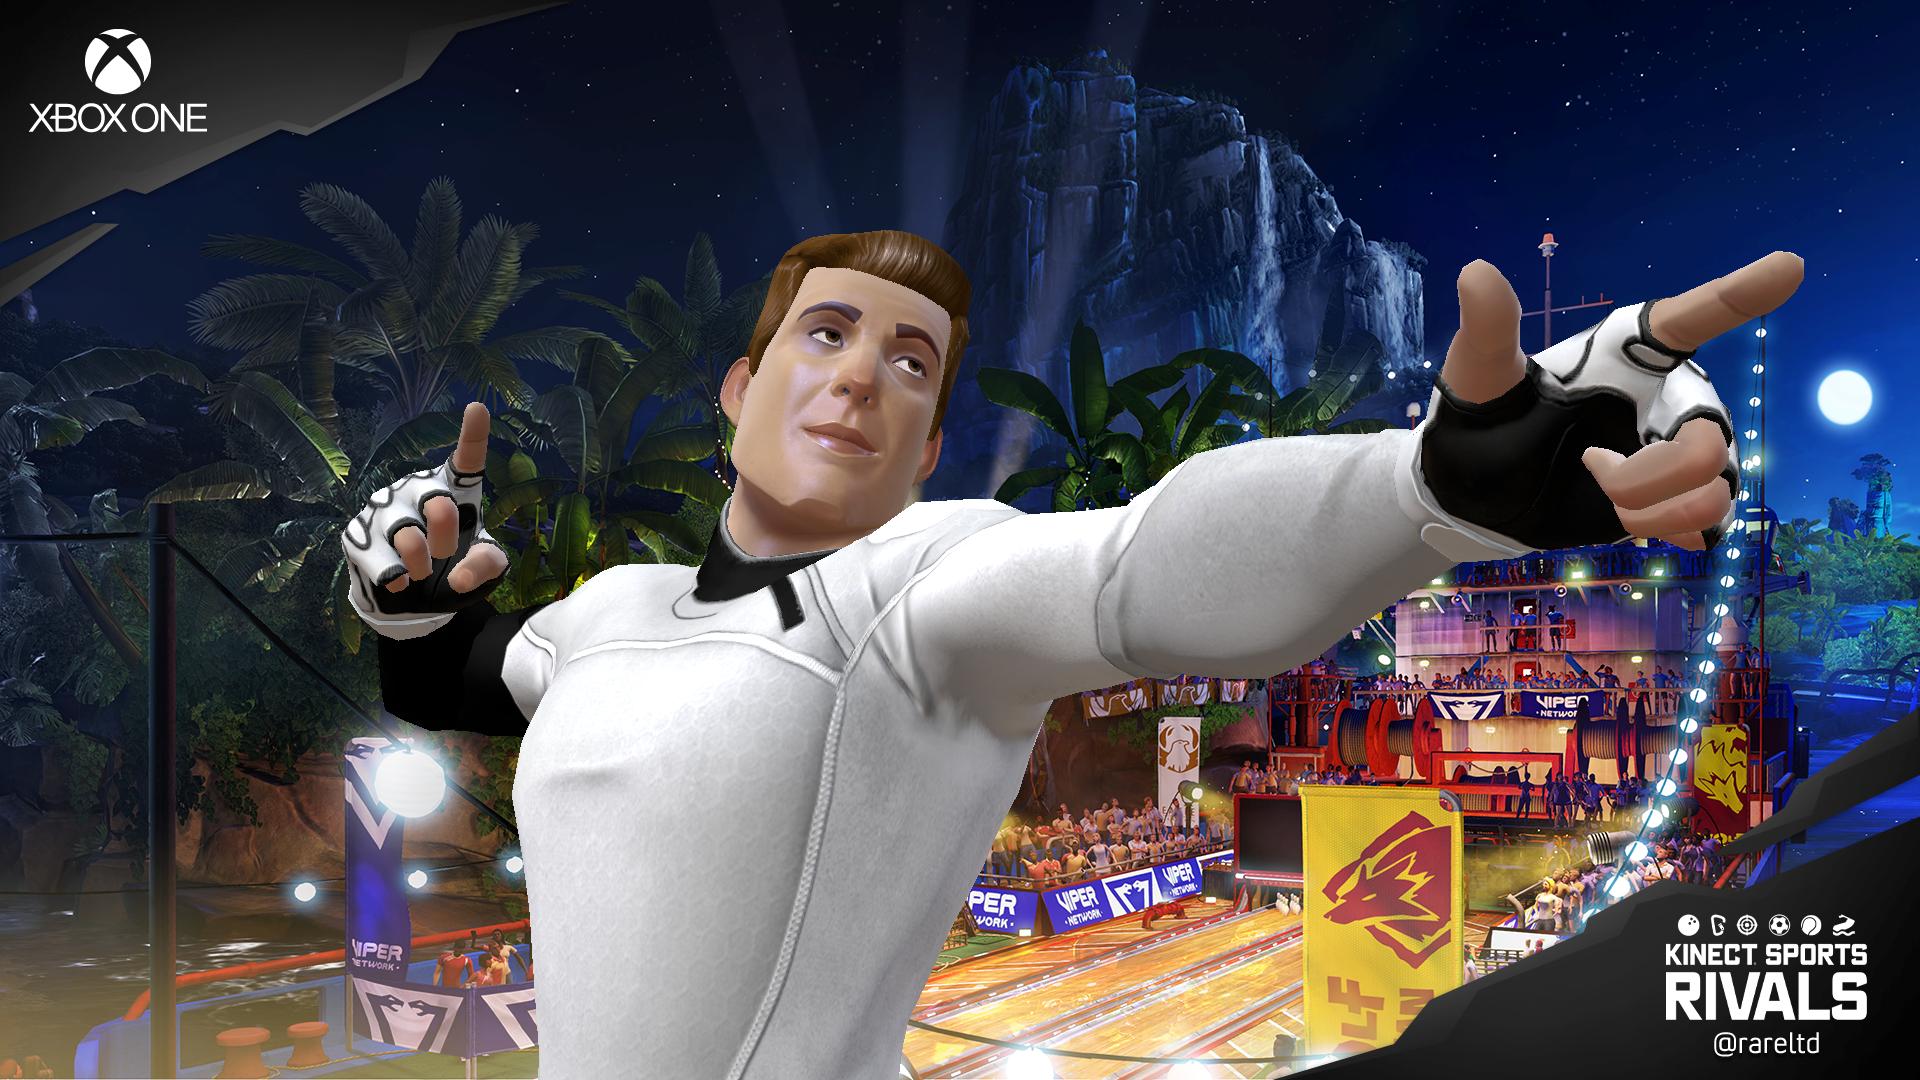 #Gamescom 2013: Major Nelson Nos Muestra Una Imagen De Cómo #Kinect 2.0 Nos Podrá Reconstruir En #Xbox One